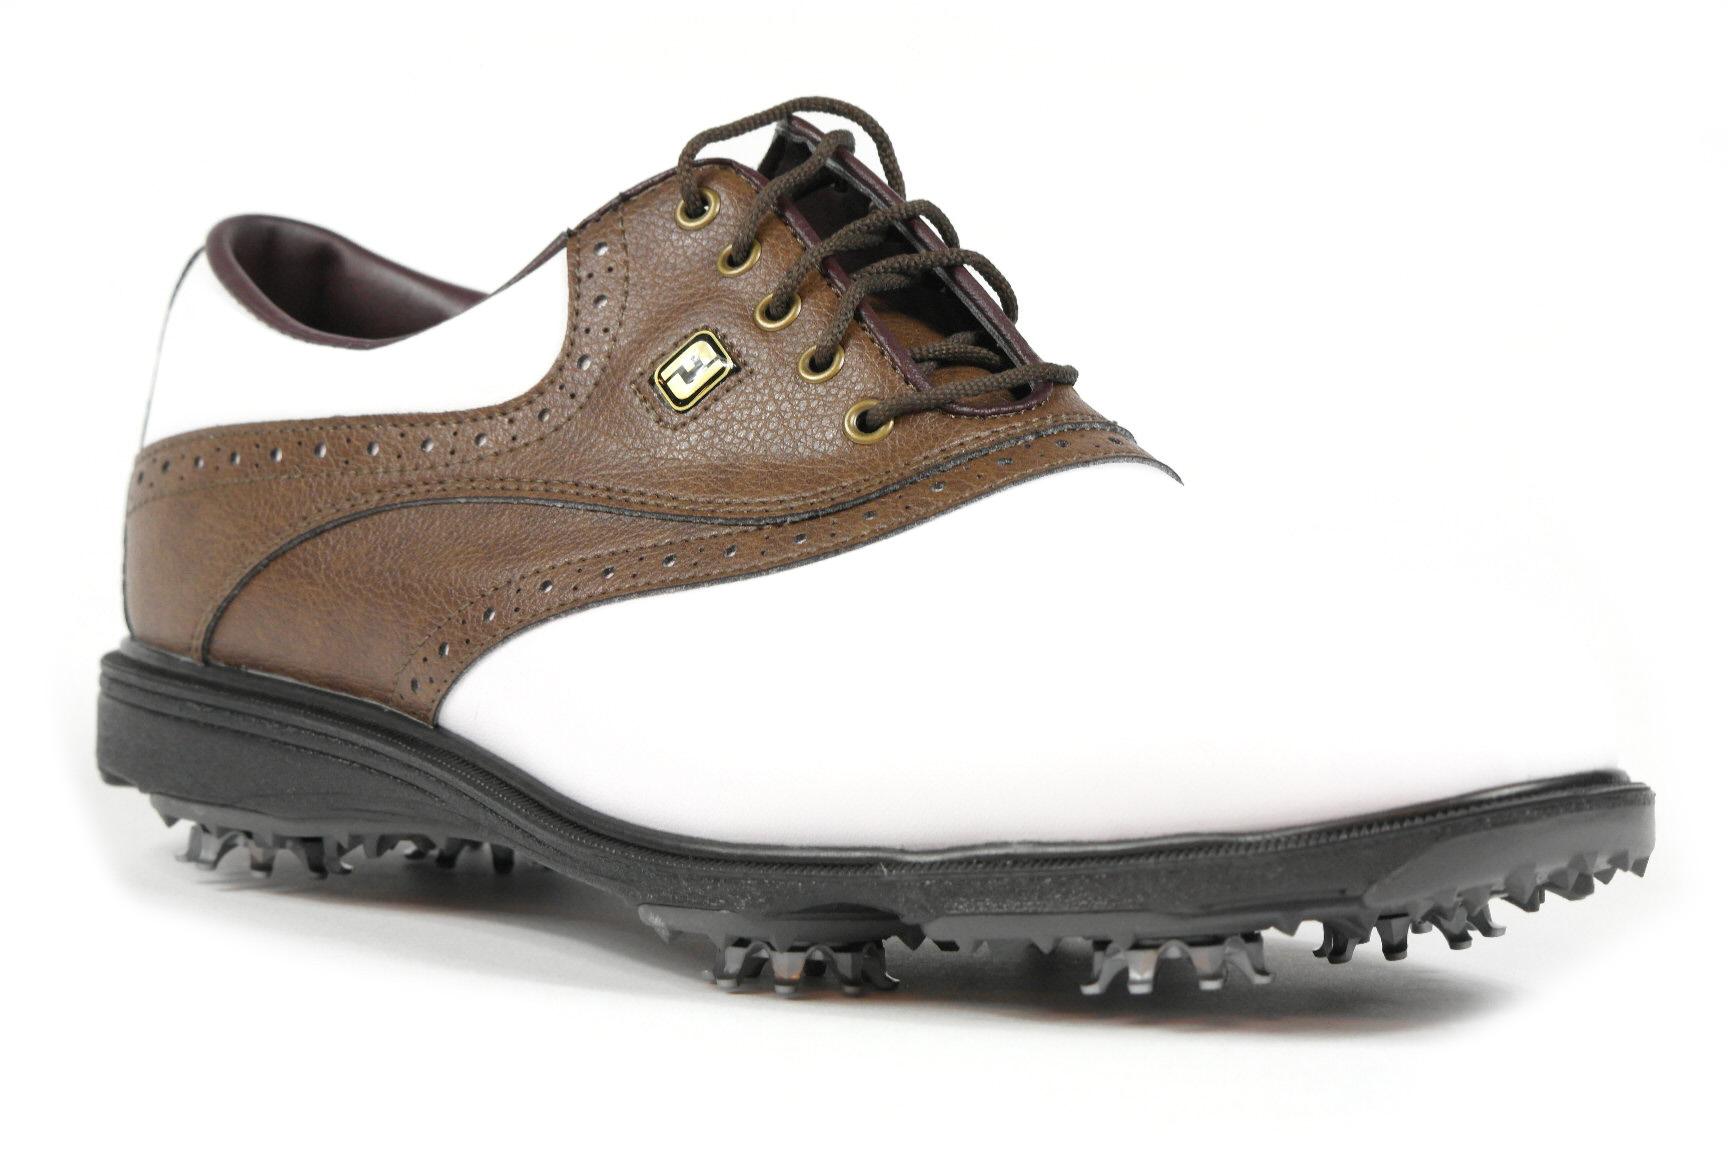 Brown Chaussures Footjoy Pour Les Hommes AqEUB